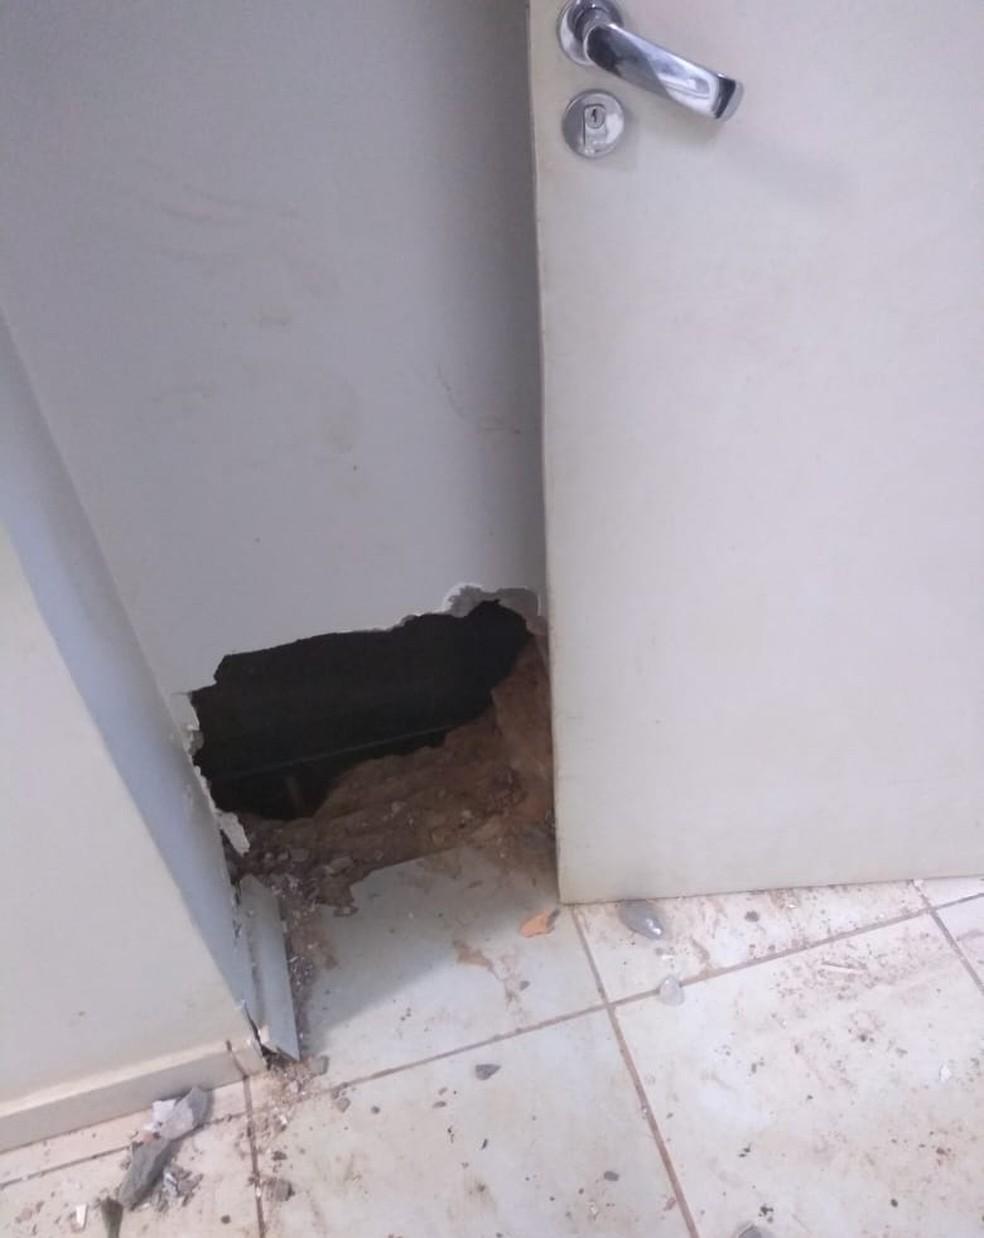 Bandidos entraram no banco por meio de um buraco que eles fizeram na parede.  — Foto: Divulgação/ Polícia Civil